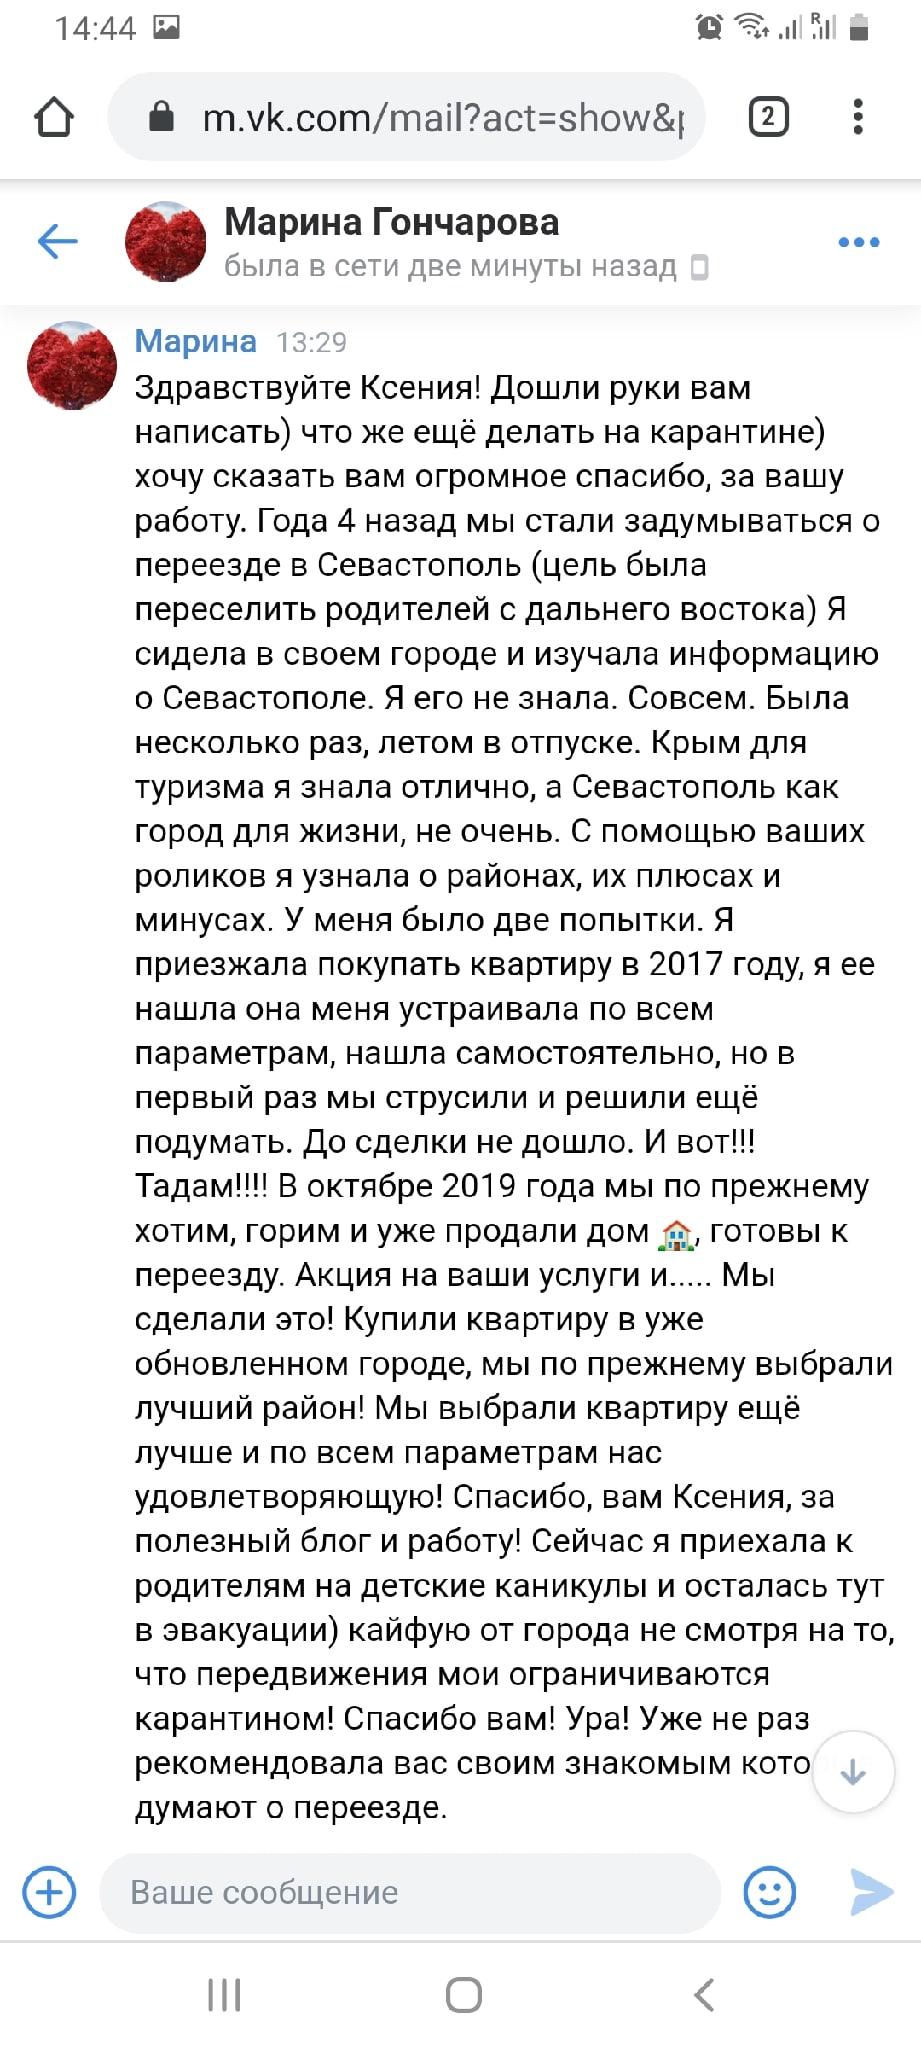 Отзыв о Гид по недвижимости Севастополь